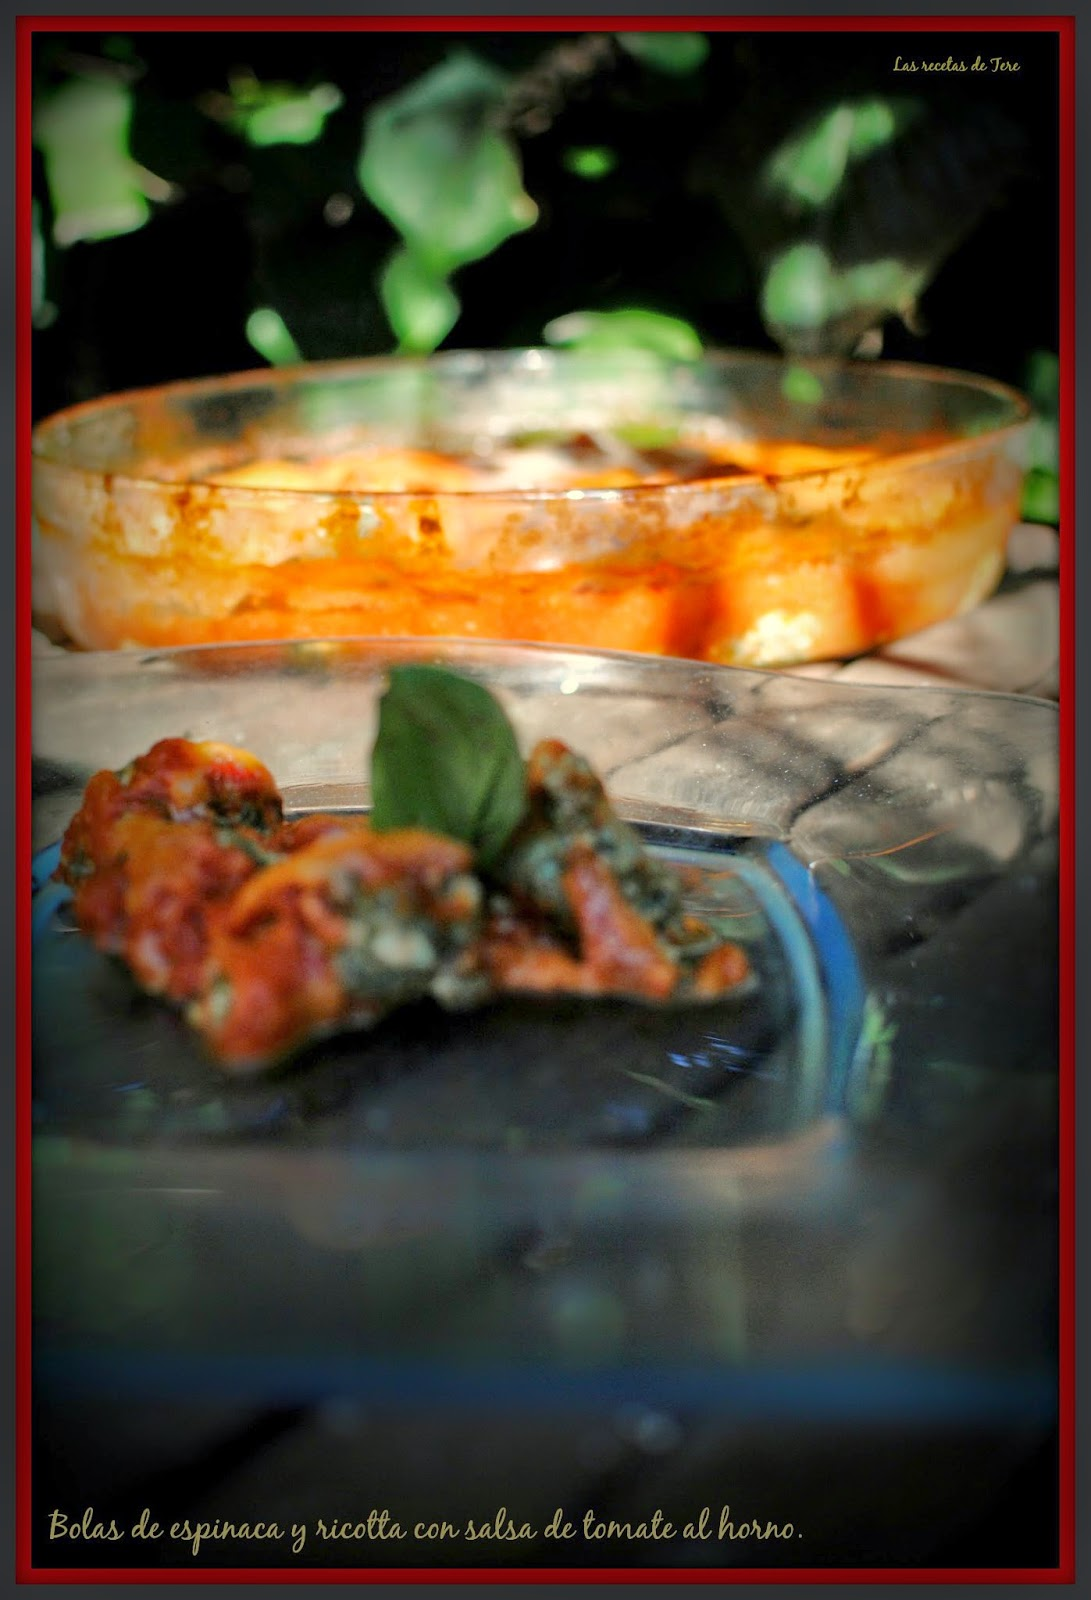 bolas de espinaca y ricotta con salsa de tomate al horno tererecetas 05